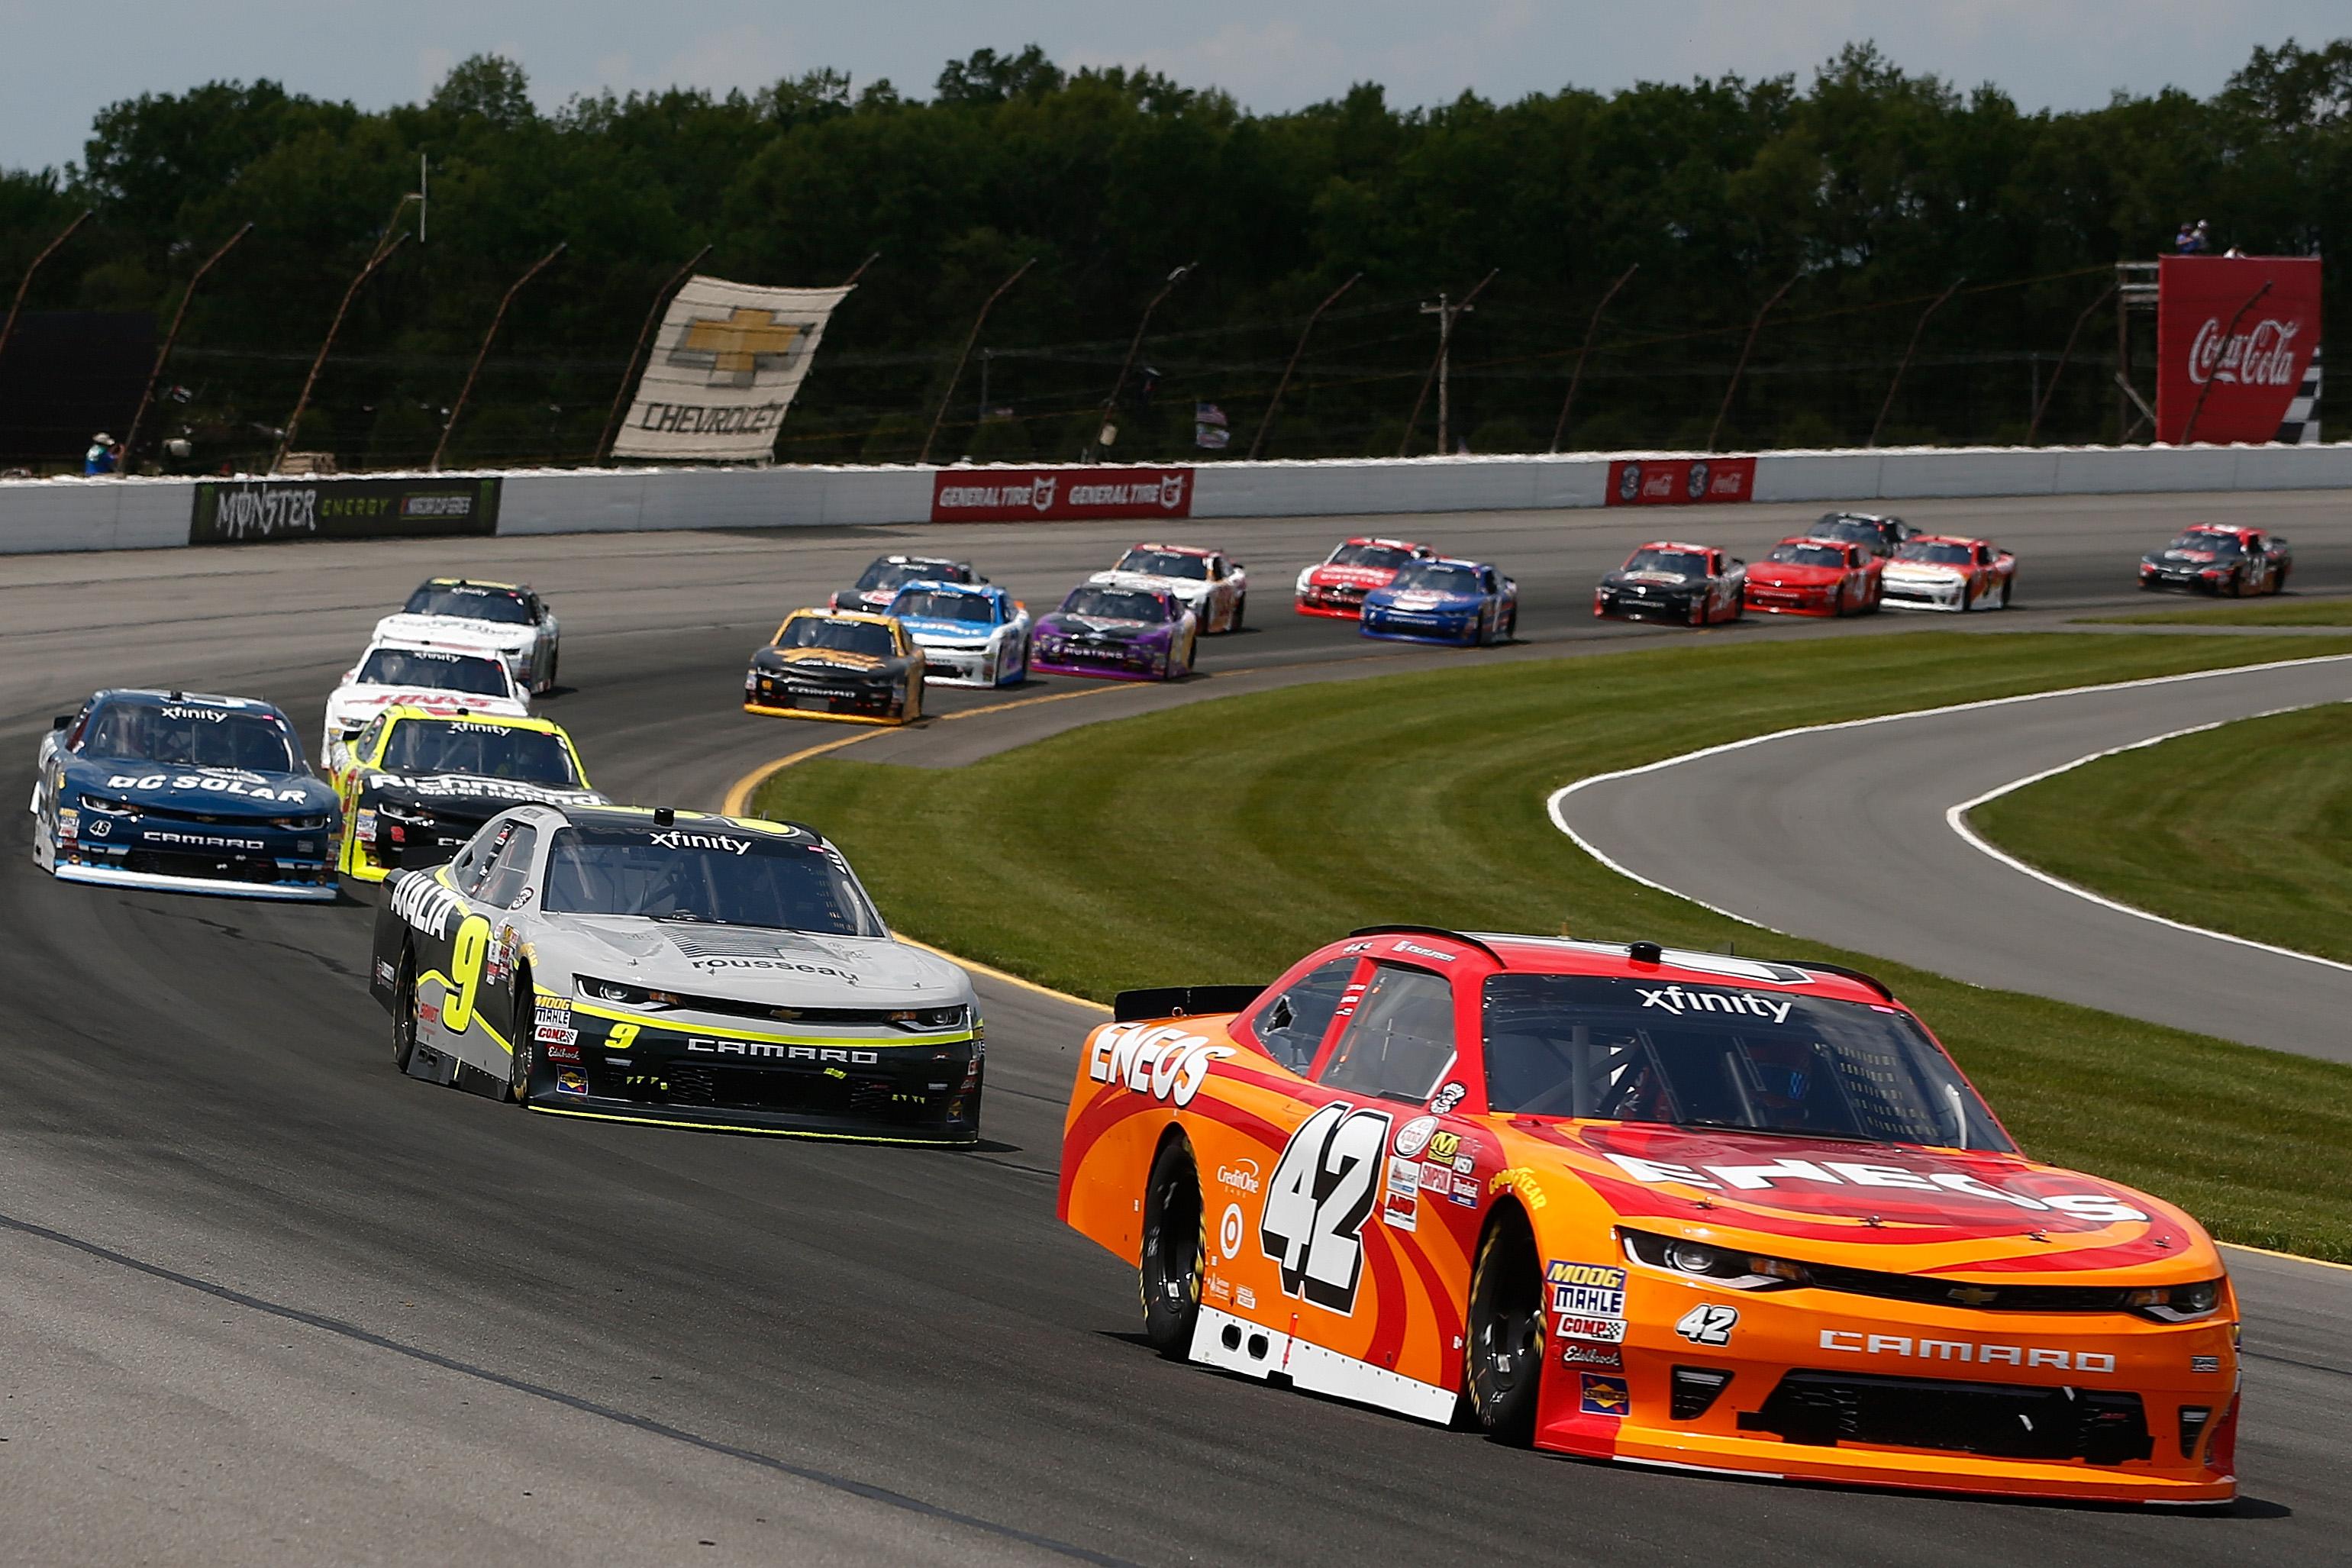 Kyle Larson Xfinity Series racing